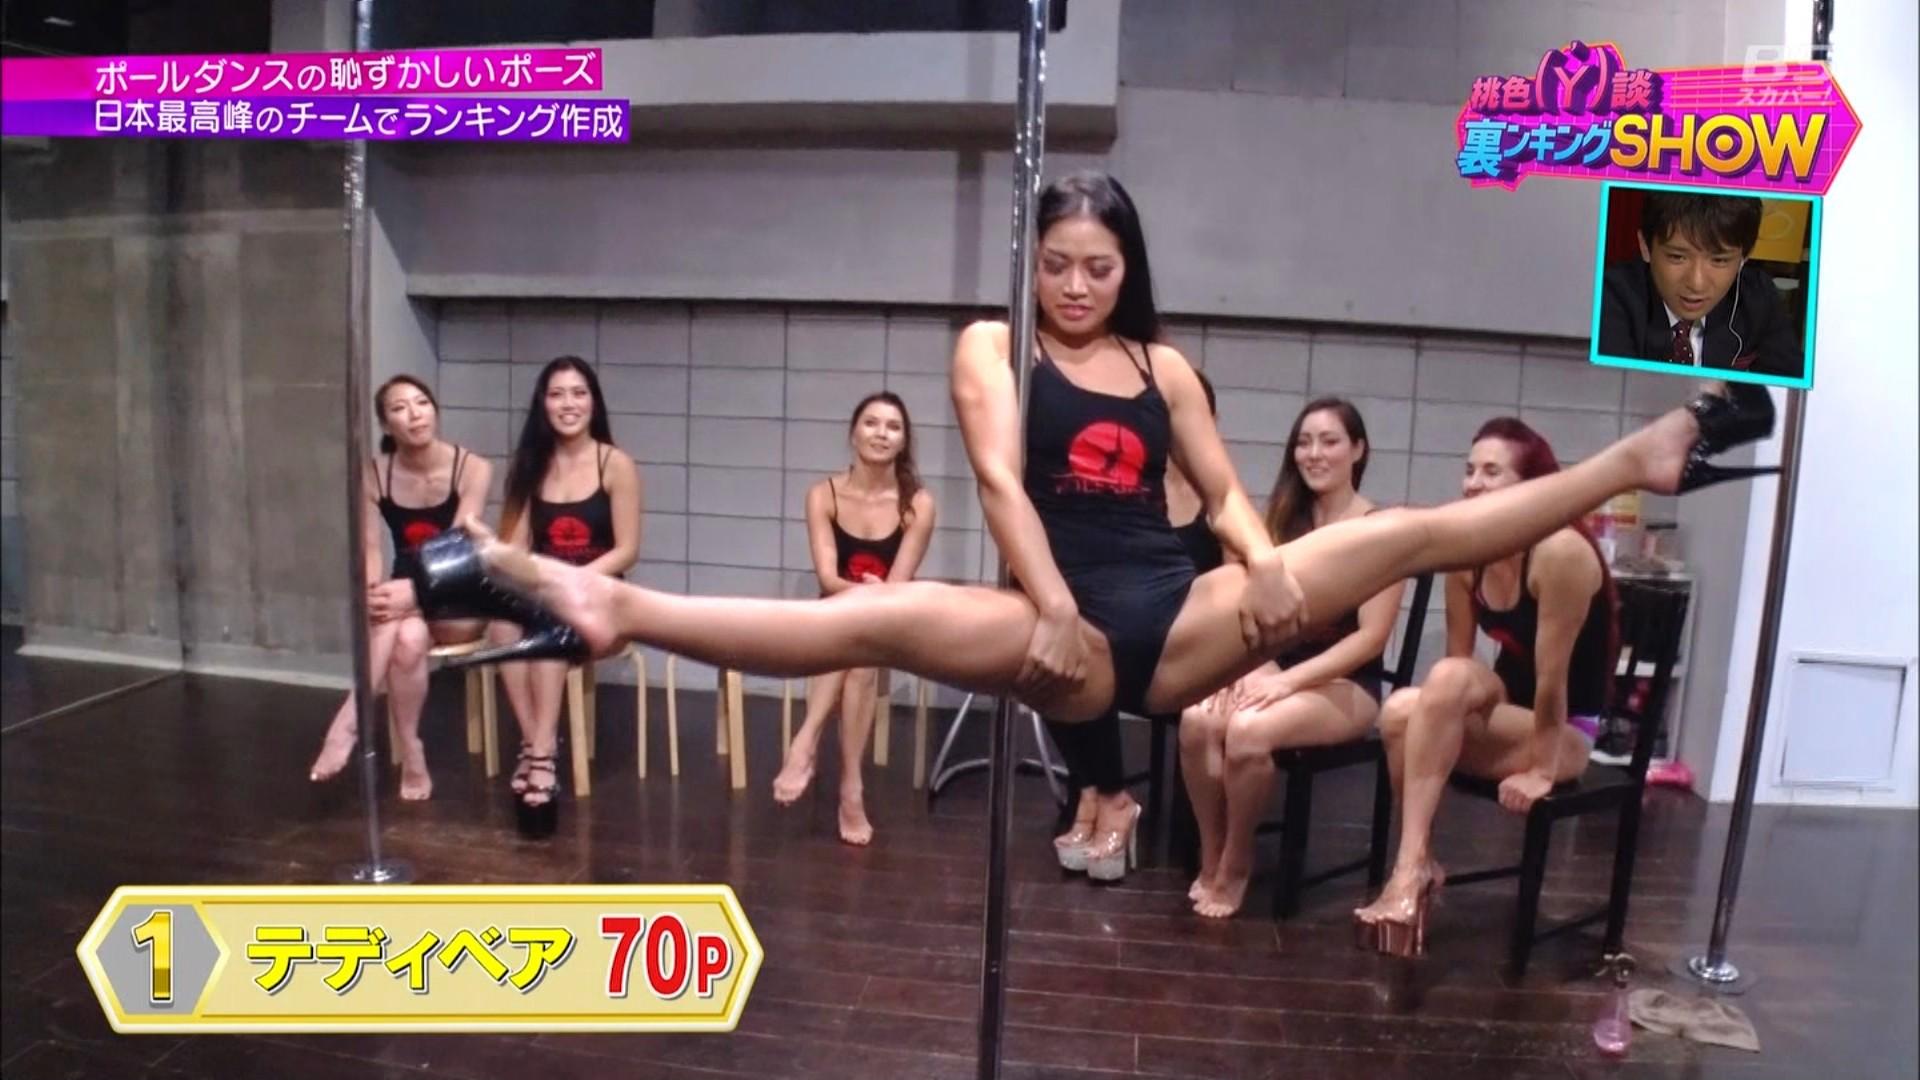 桃色Y談裏ンキングSHOW♯1のテレビキャプチャー画像-083